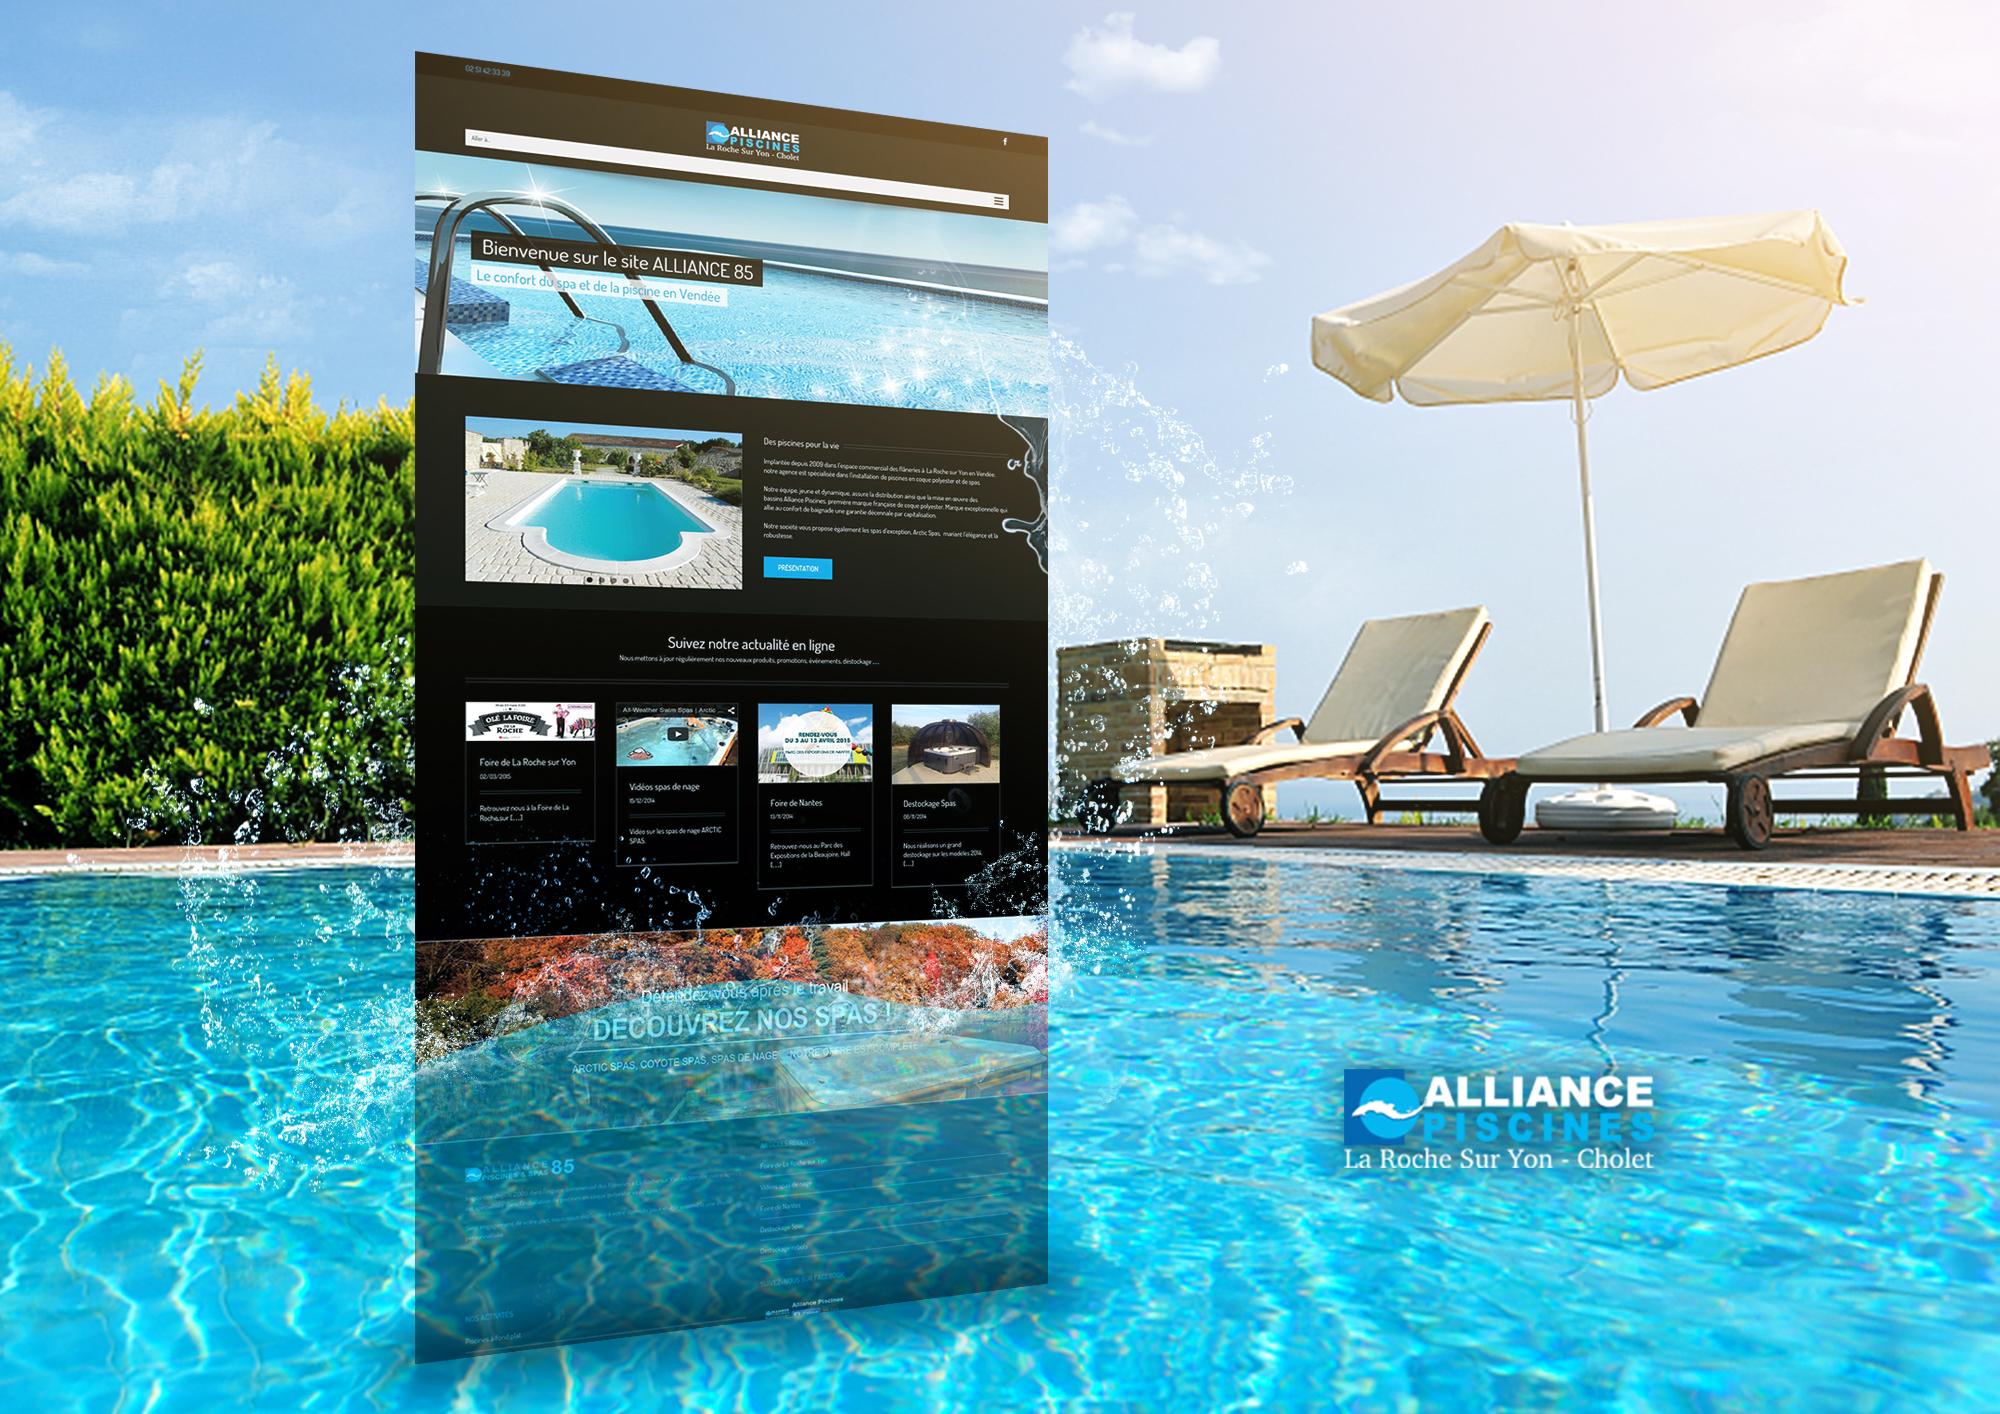 Alliance piscine piscinier bourgogne alliance piscines for Alliance piscine